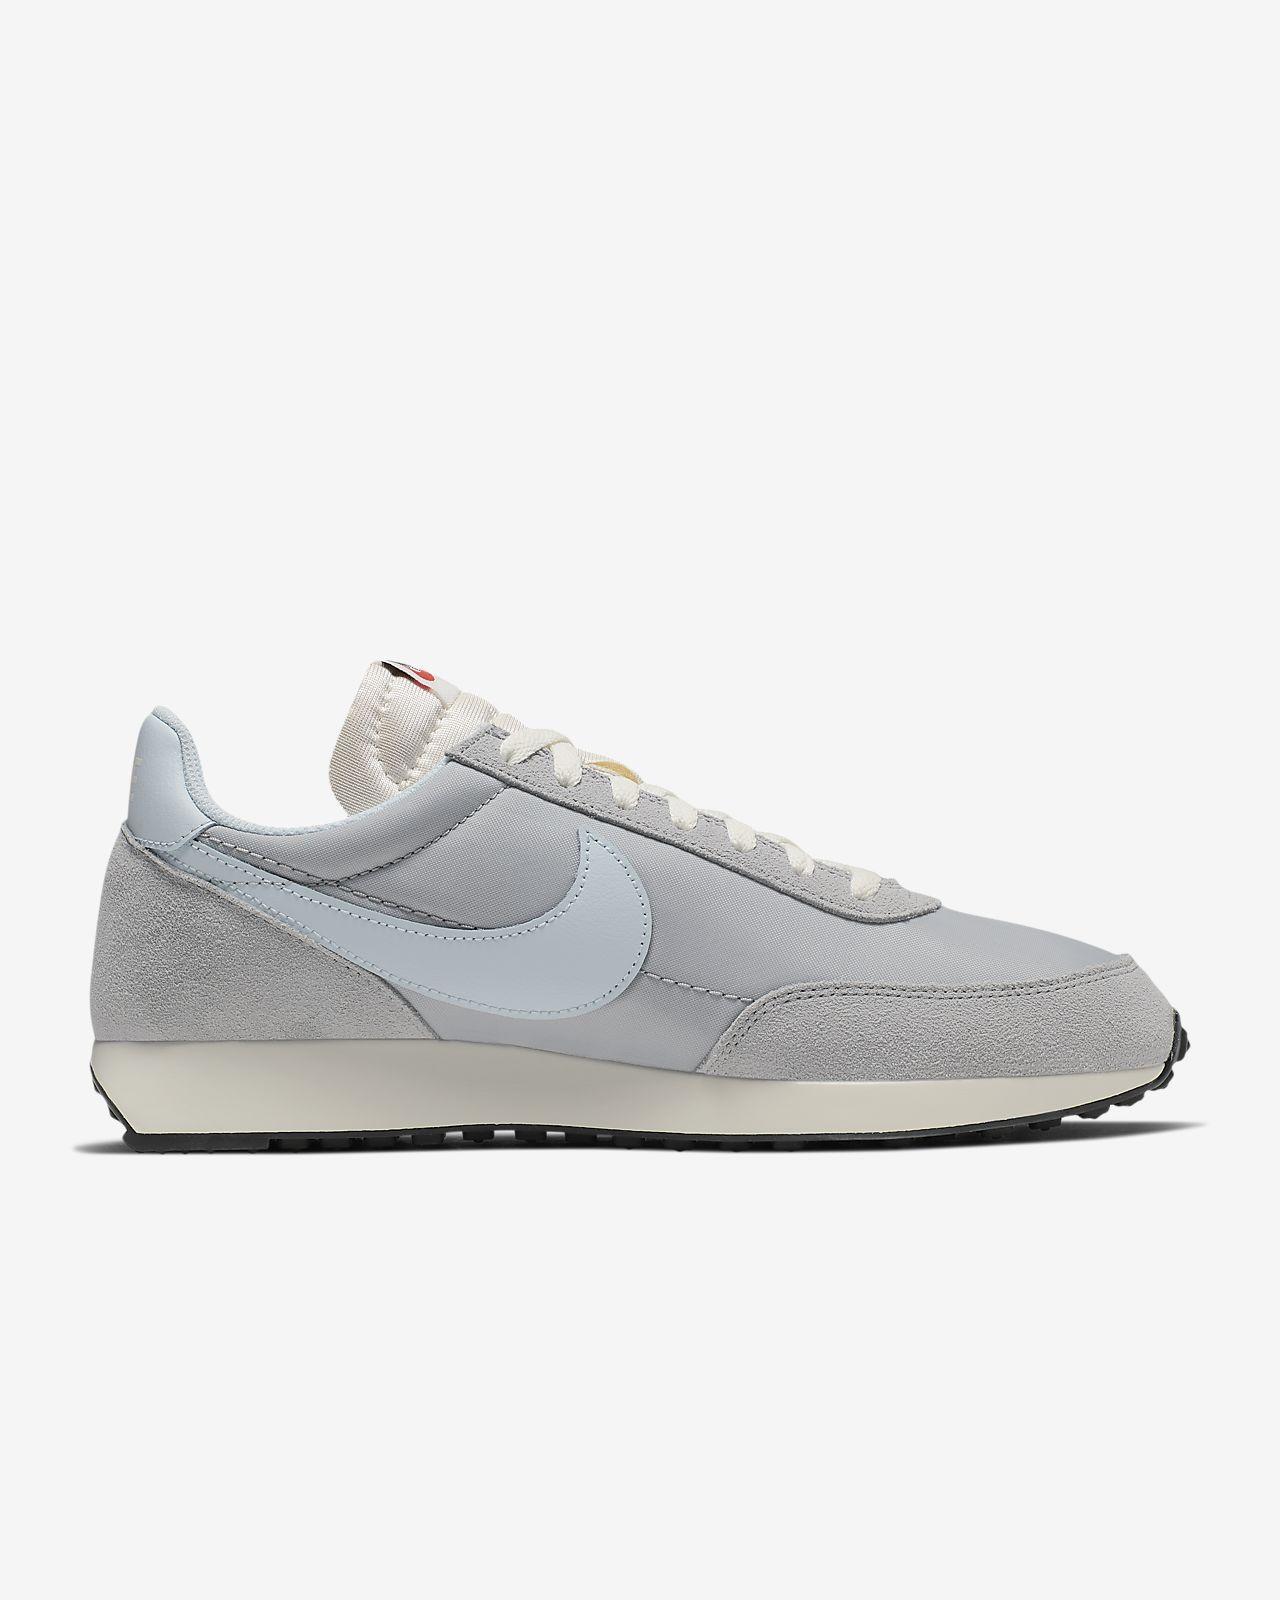 af495c1f66947 Nike Air Tailwind 79 Shoe. Nike.com IE